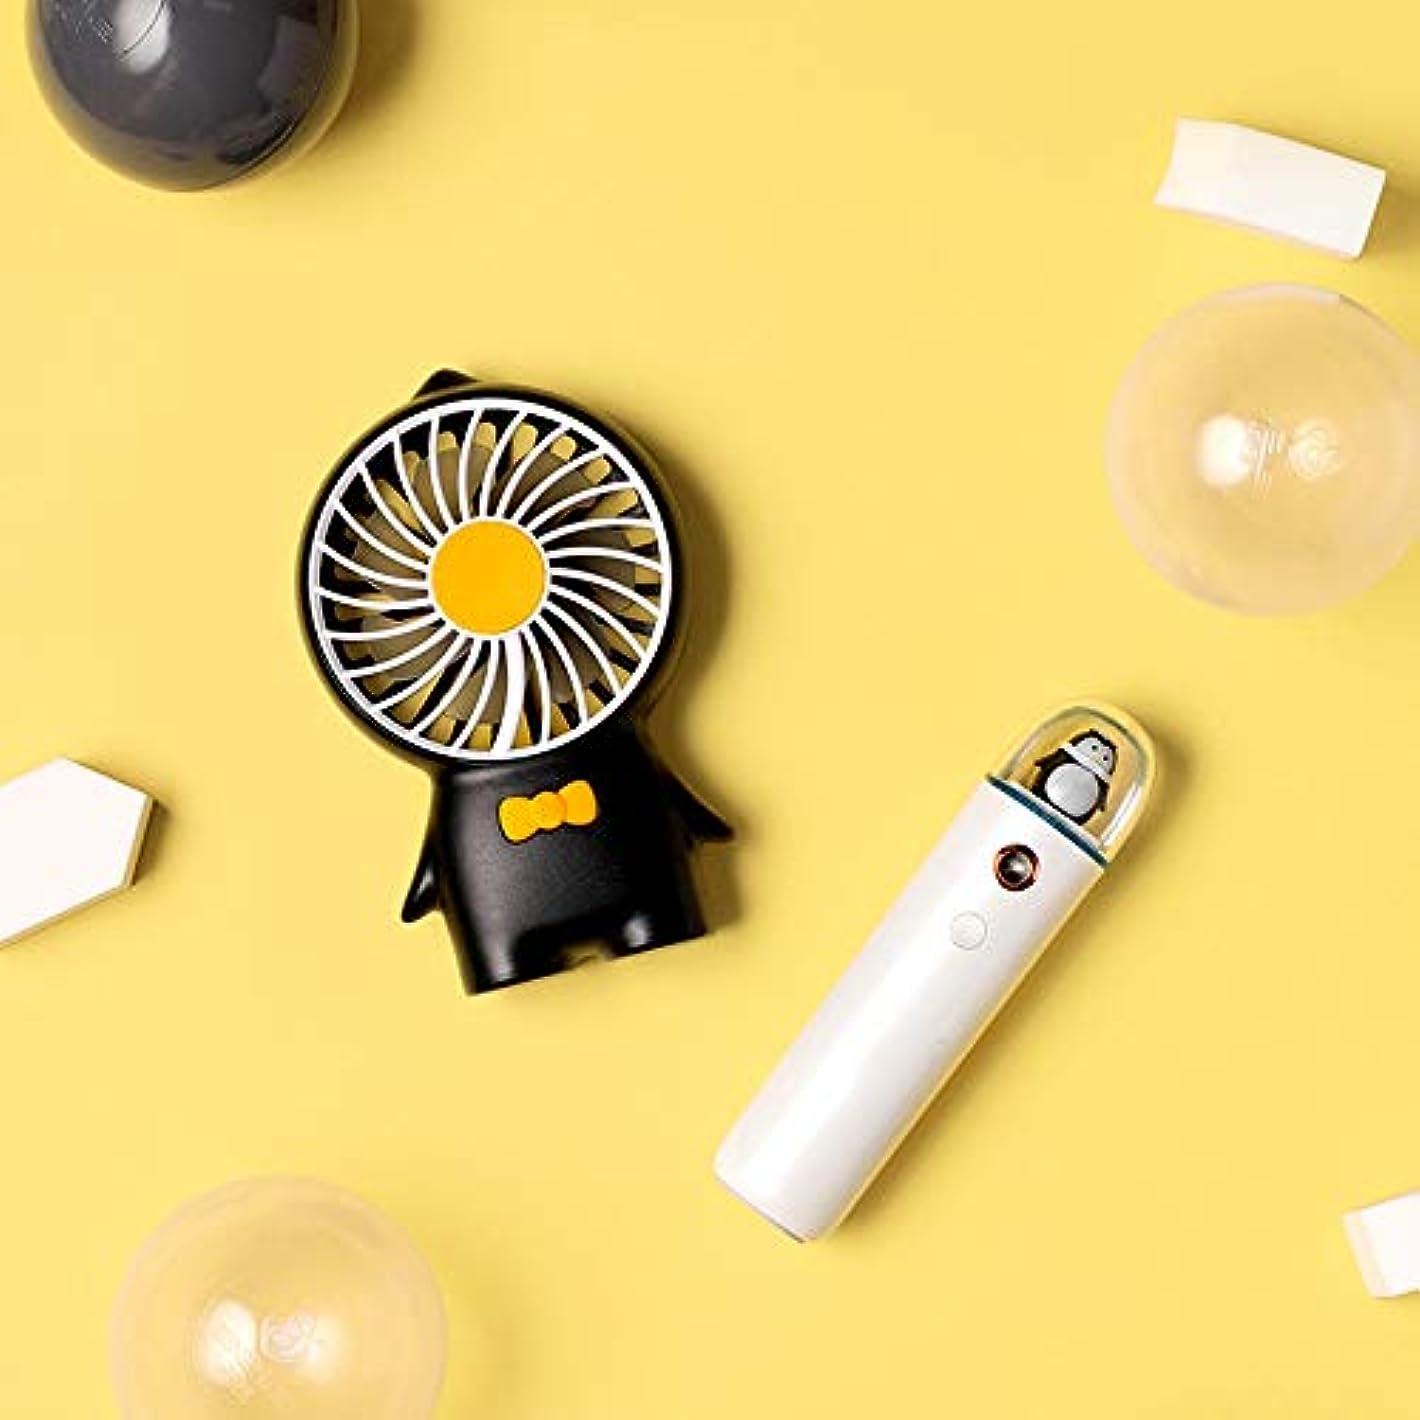 かすれた立証する磁気ZXF コールドスプレー水道メーターusb充電ナノスプレー小さなファン水道メーター美容機器黒モデルホワイトガールギフト用ガールフレンドセット 滑らかである (色 : Black)